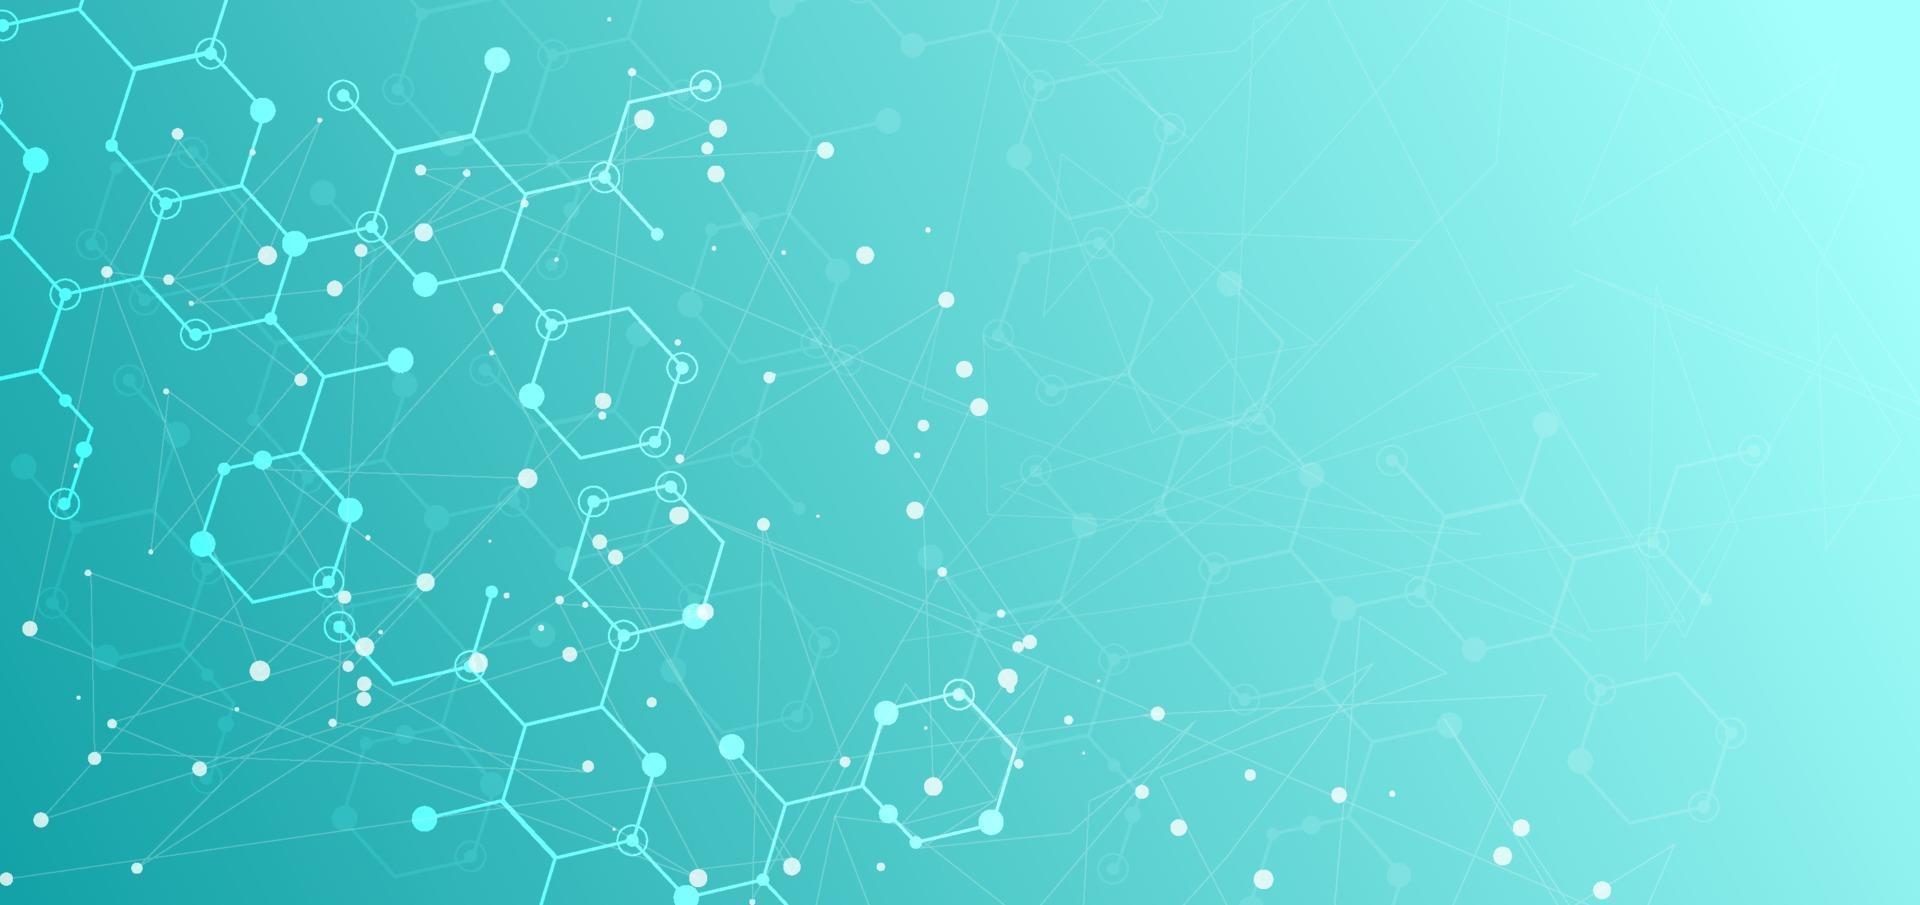 Vorlage für den Hintergrund des Wissenschafts- und Technologiekonzepts. vektor